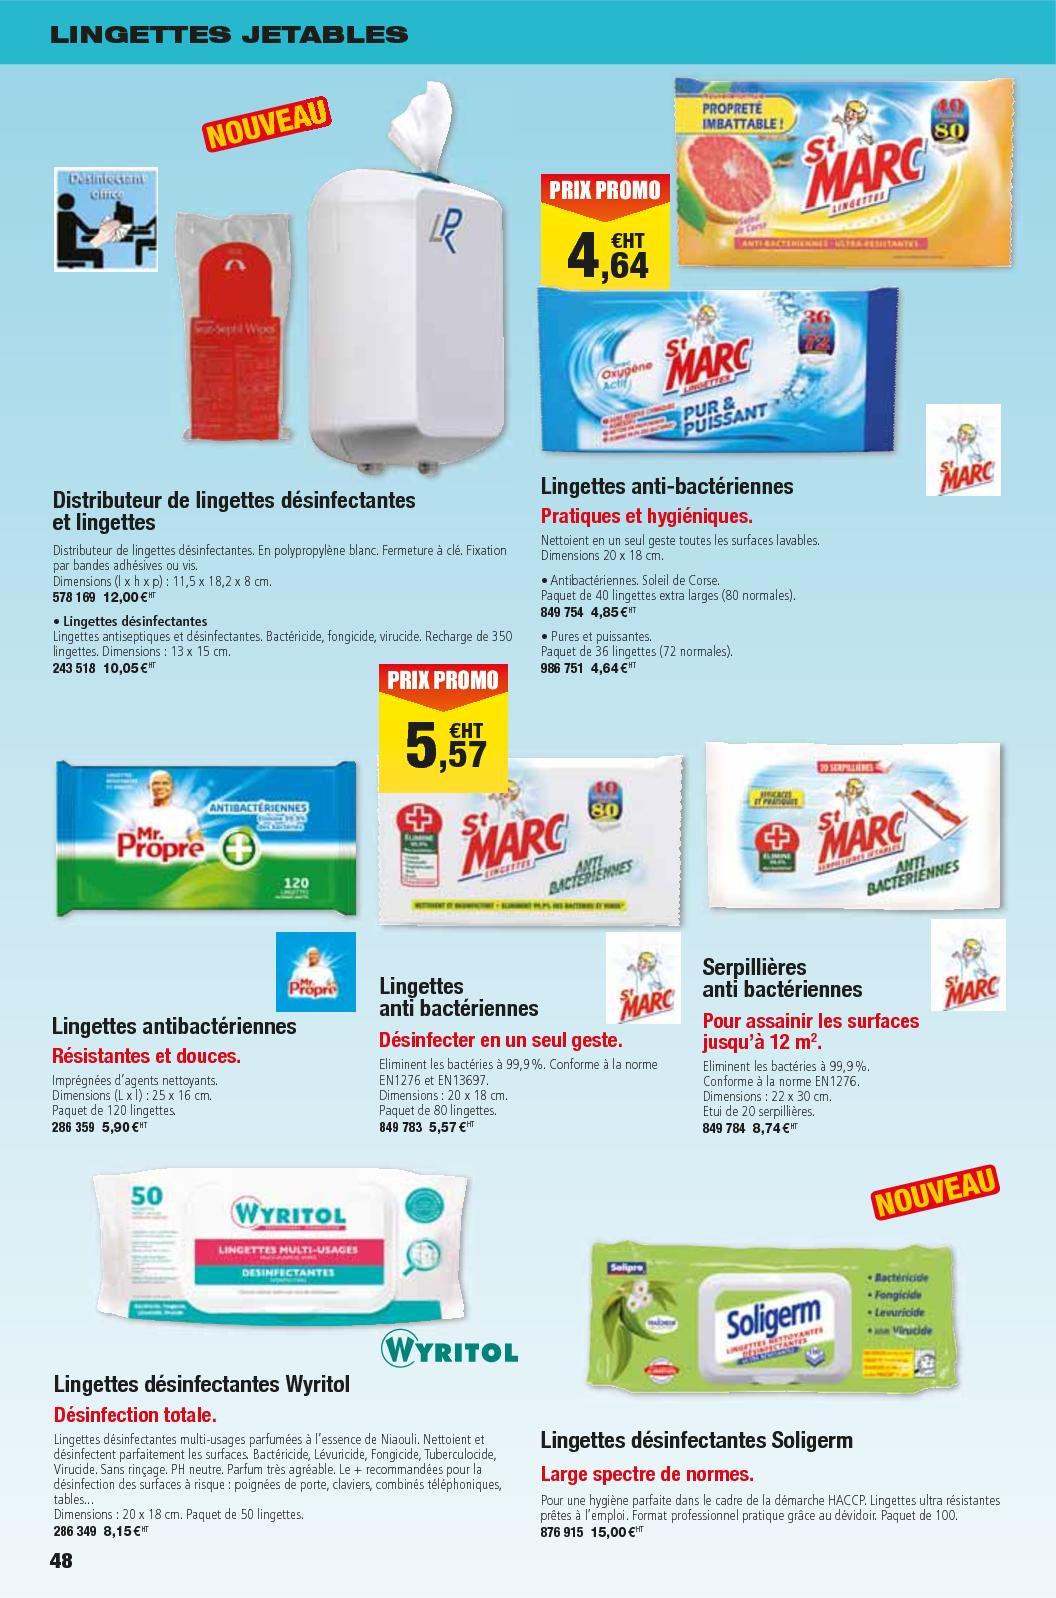 distributeur adjuvant filtration